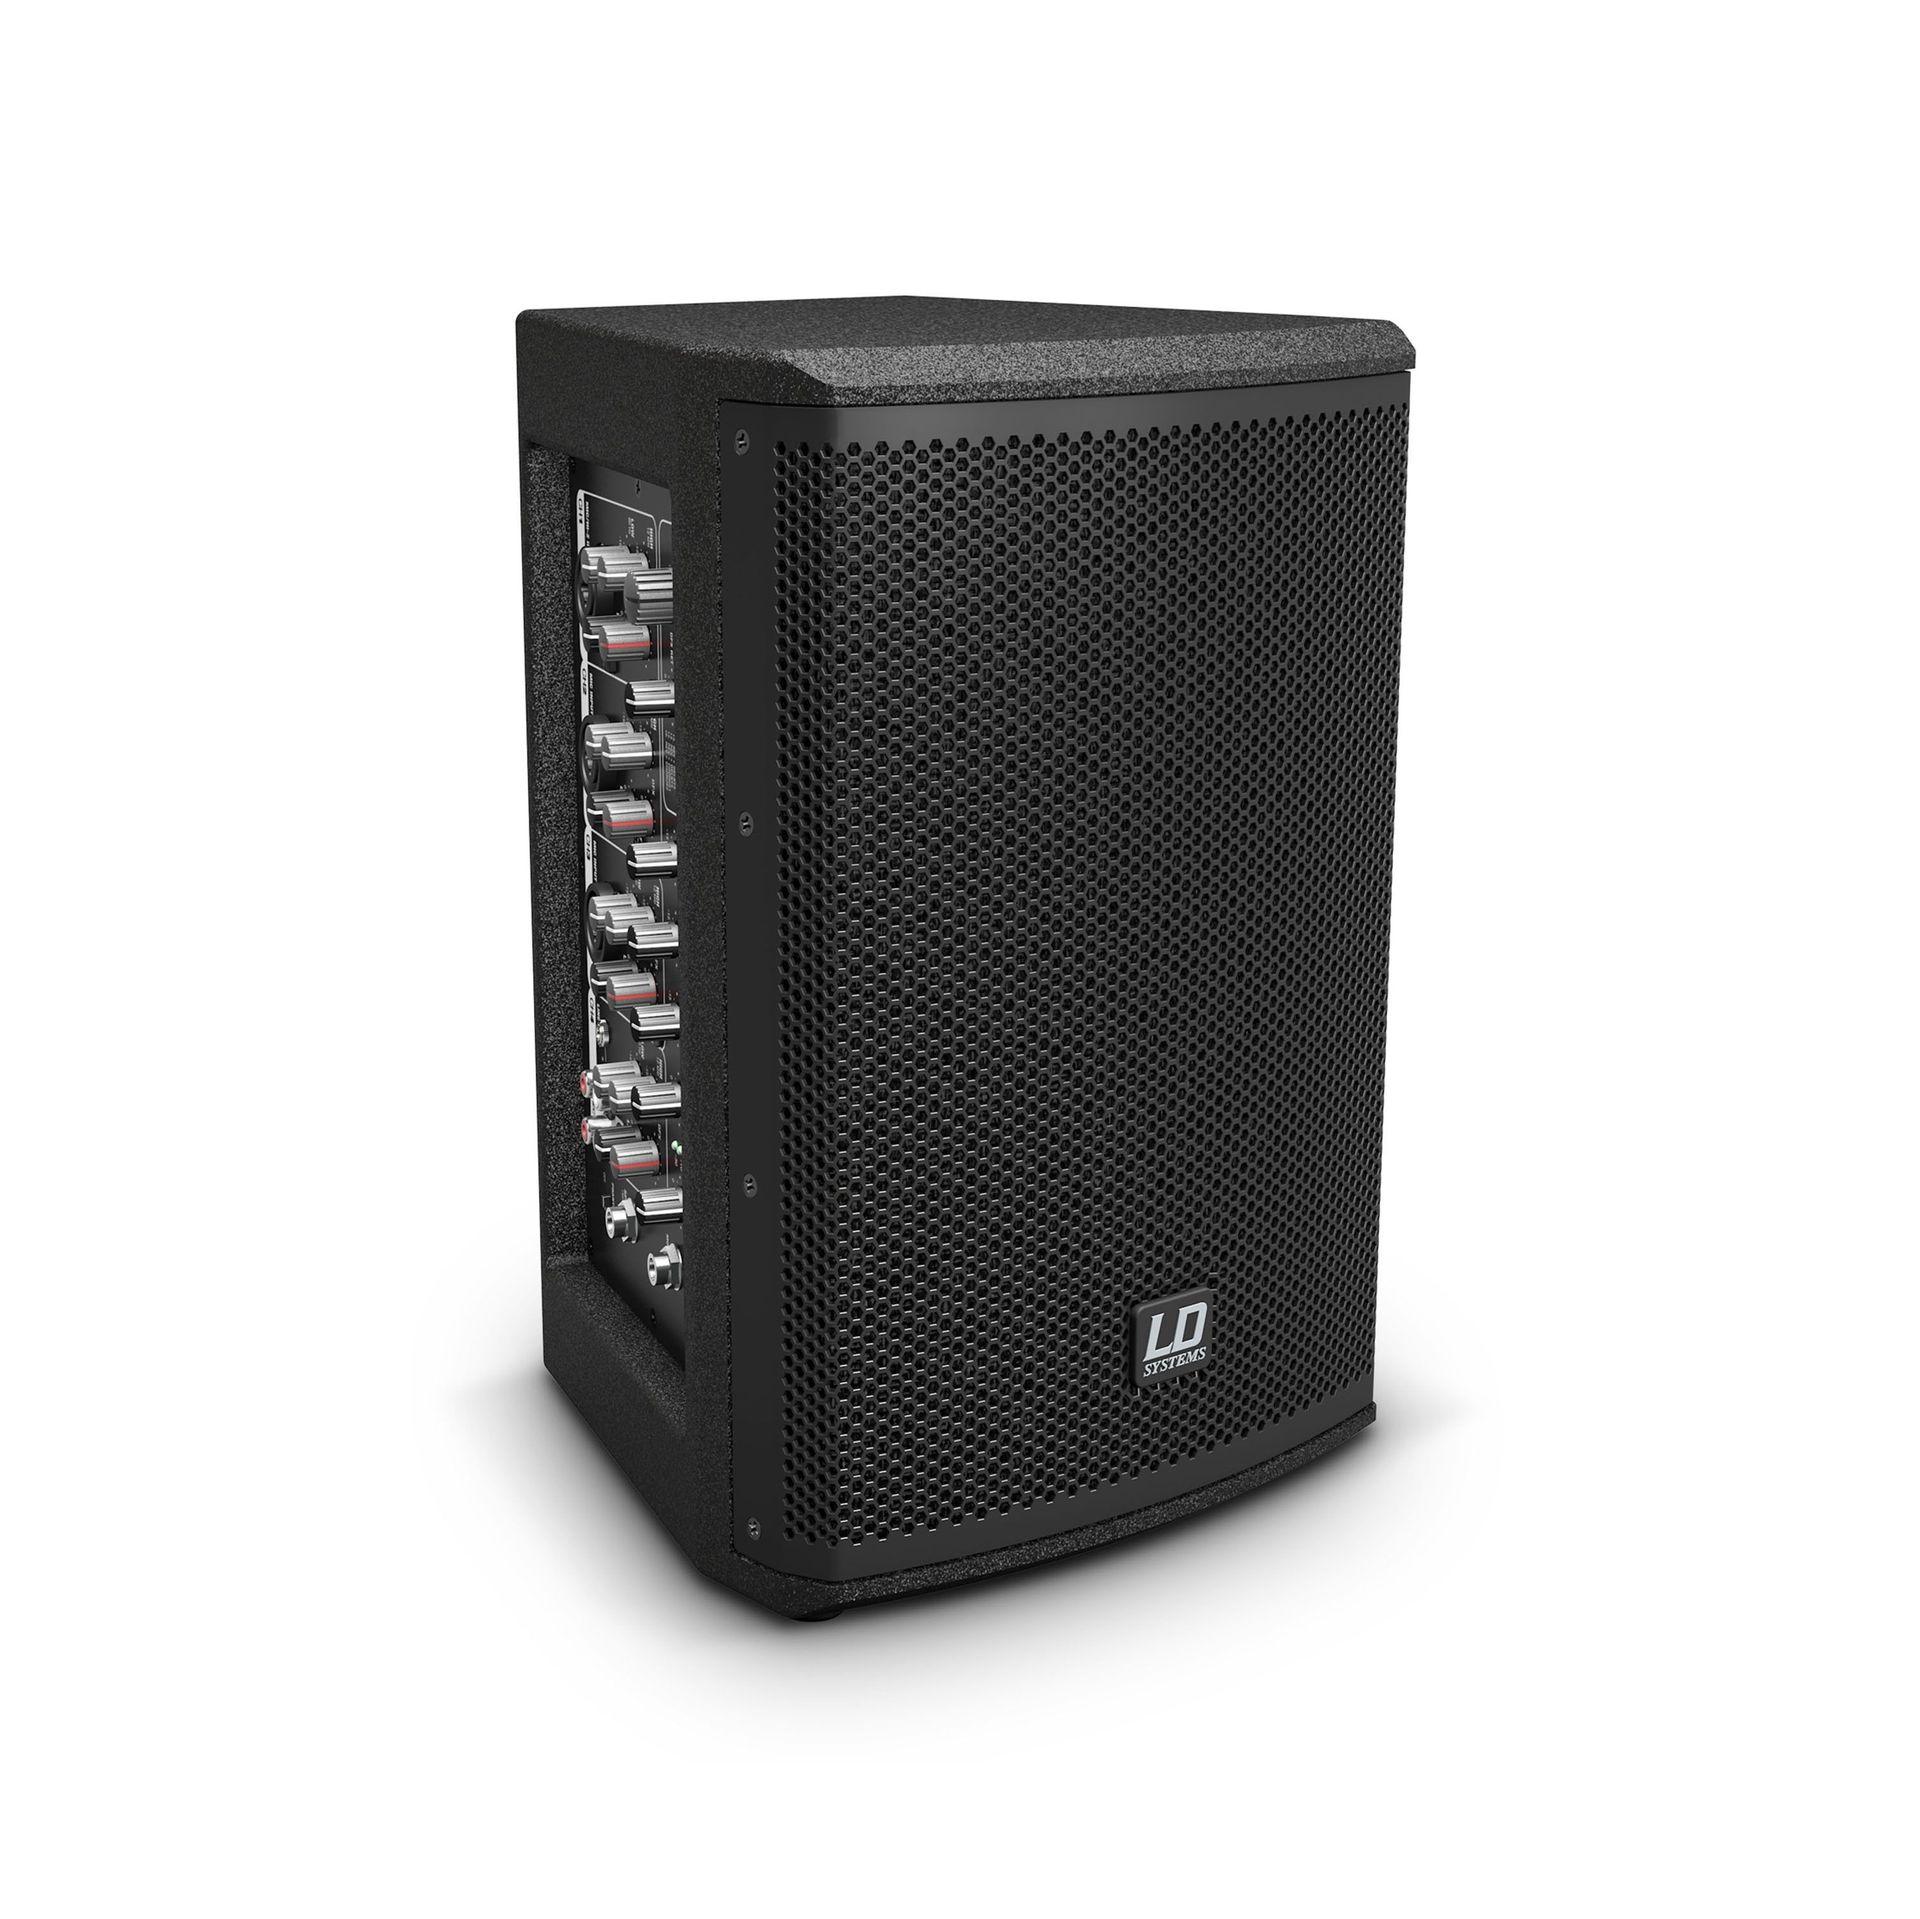 LD Systems Stinger MIX 6 A G3 Aktivbox mit integriertem 4-Kanal-Mixer